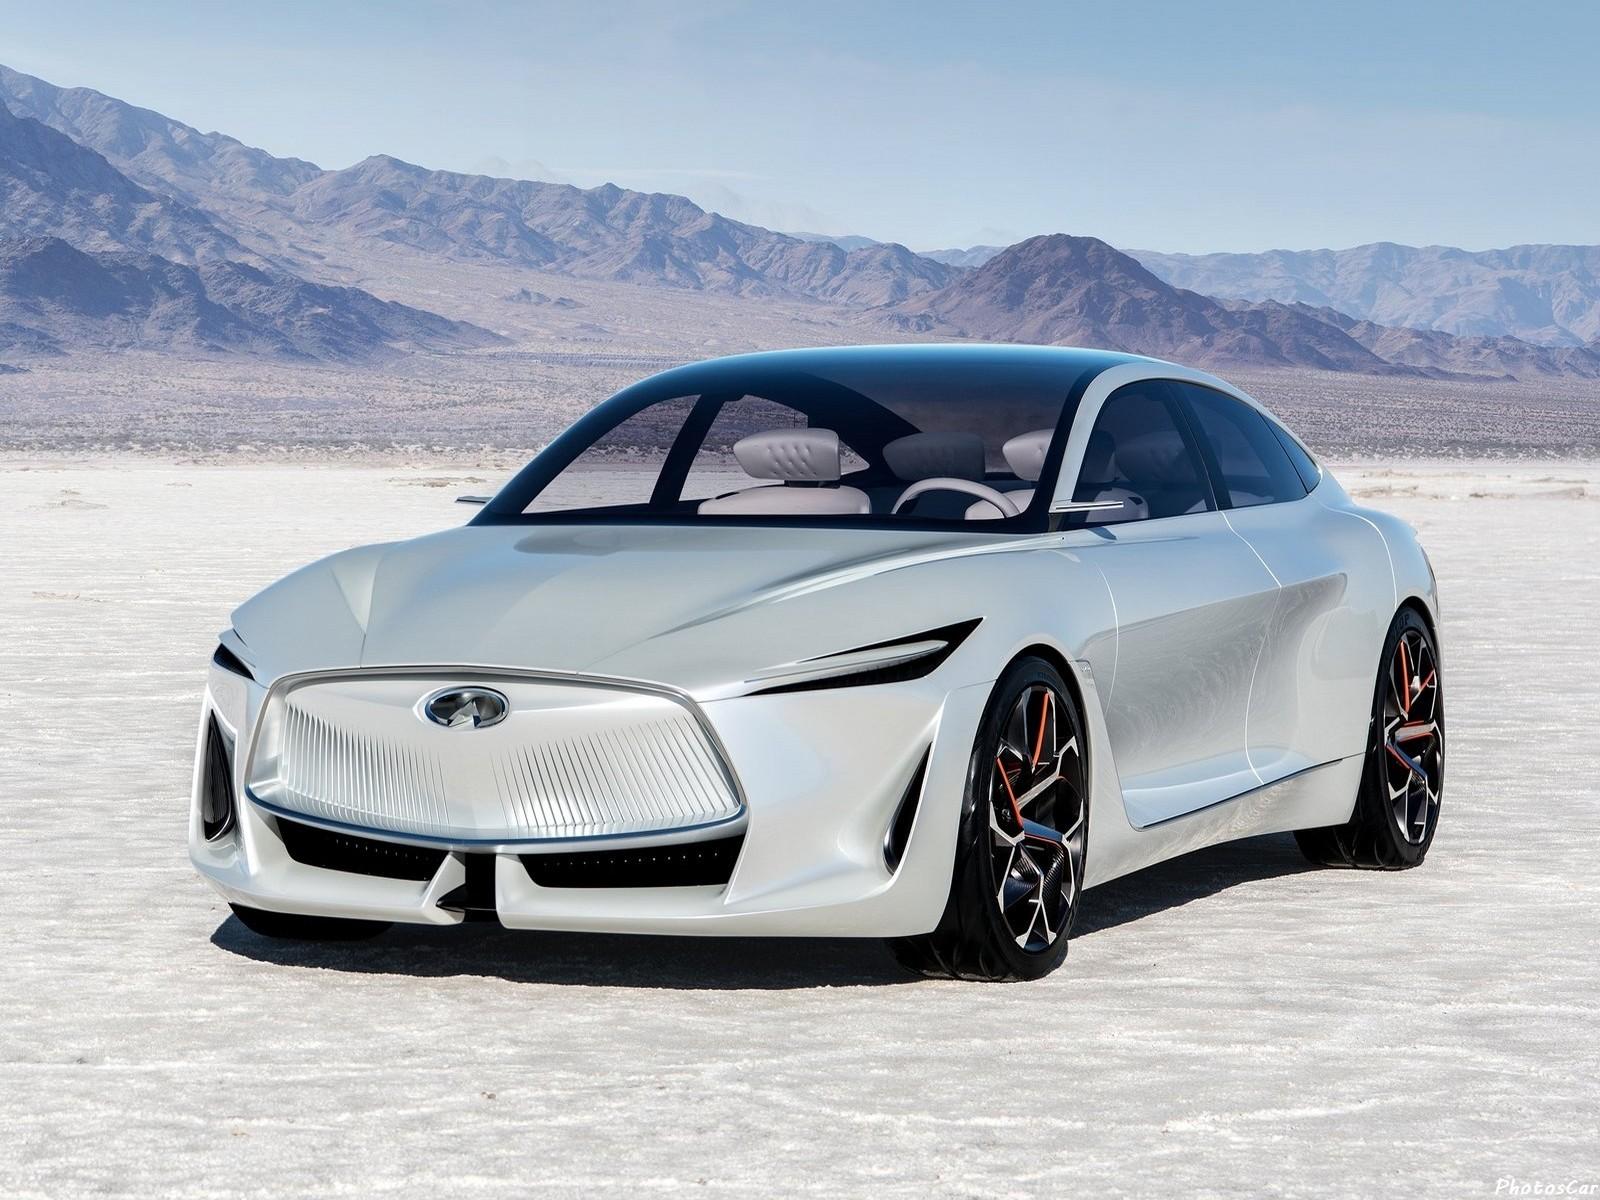 Infiniti Q Inspiration Concept 2018 inspire la future gamme de voitures.